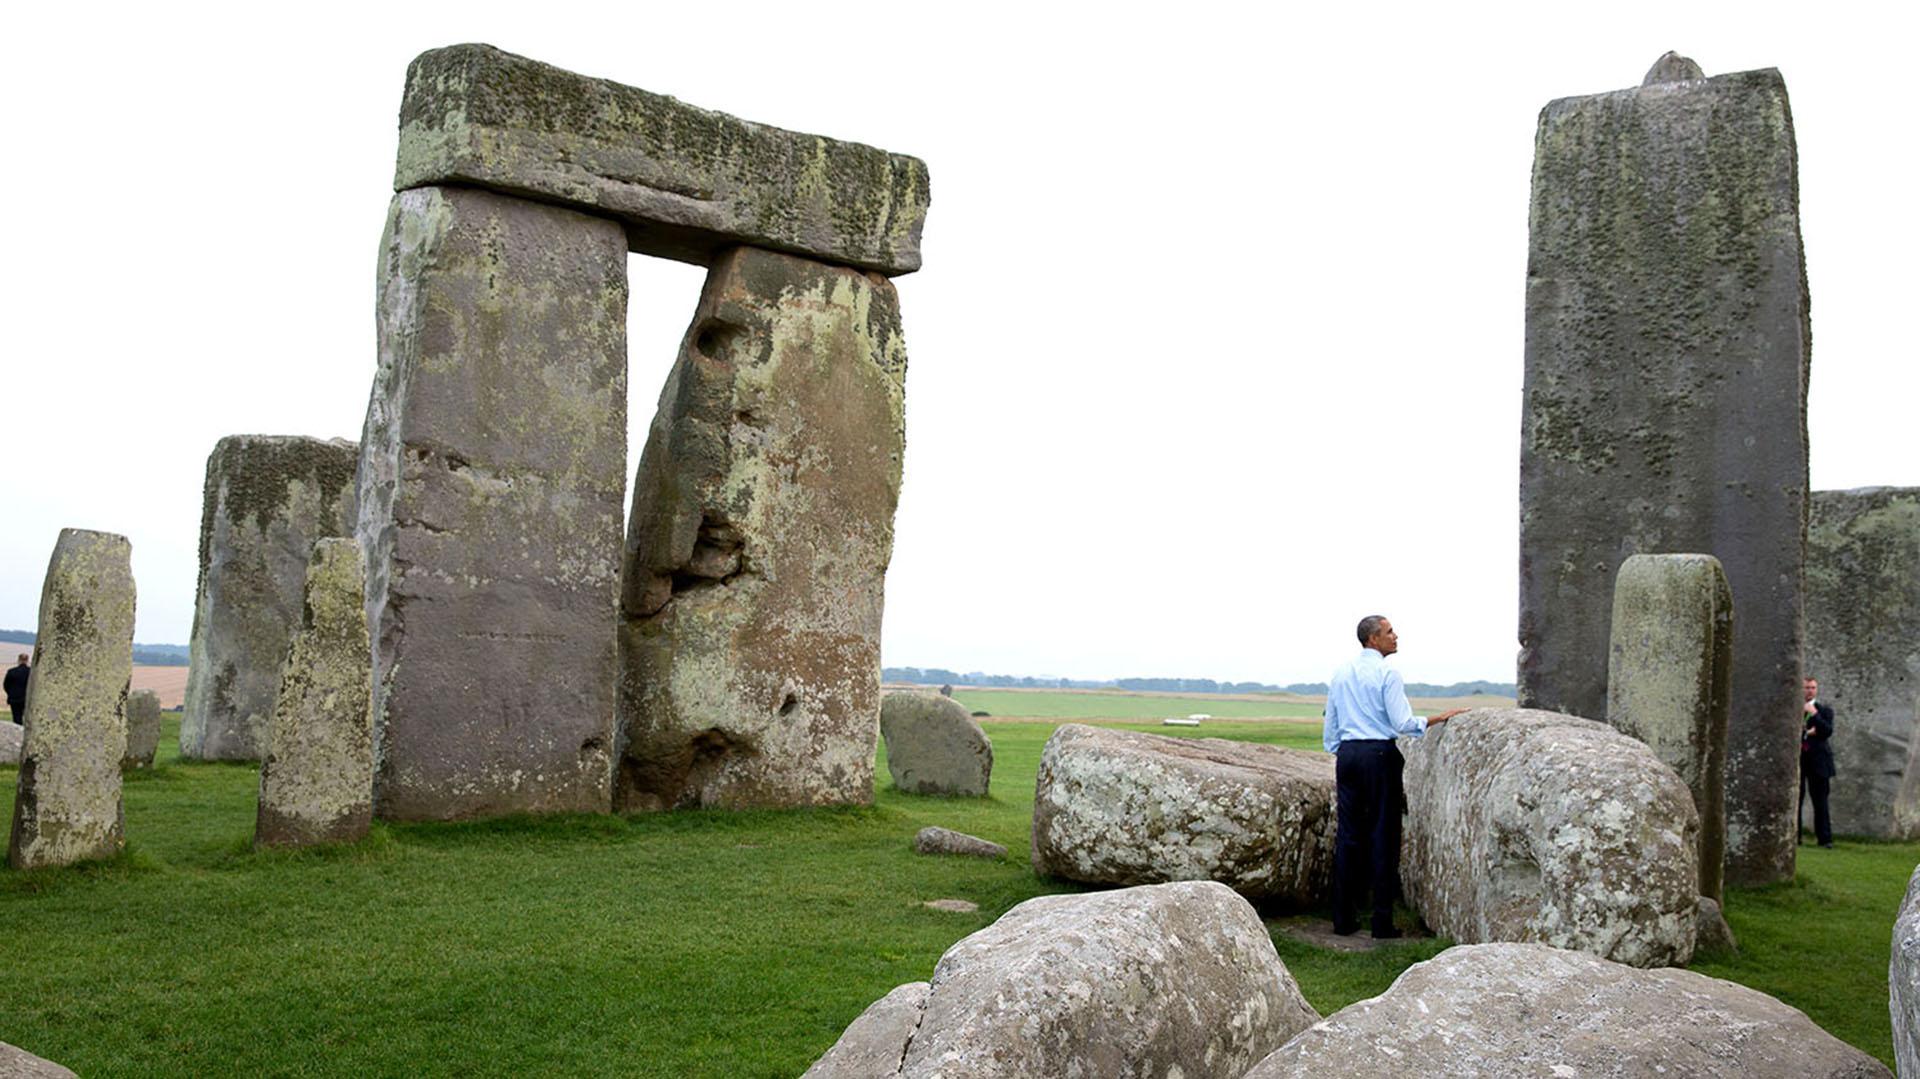 Obama visita el monumento megalítico de Stonehenge en Wiltshire, Inglaterra, 5 de septiembre de 2014 (Official White House Photo by Pete Souza).